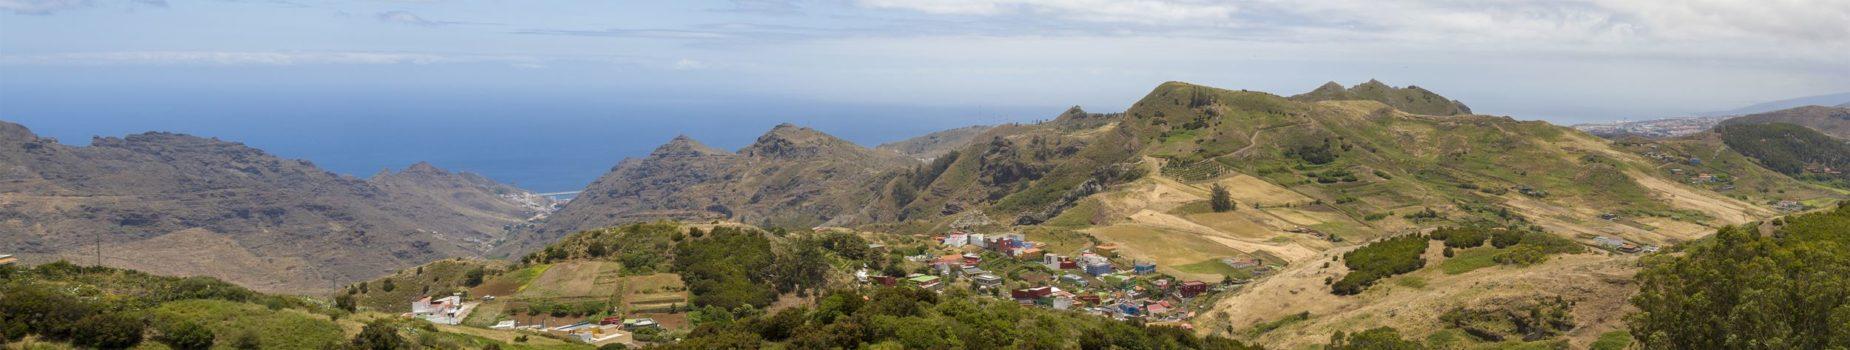 Fly Drive Canarische Eilanden